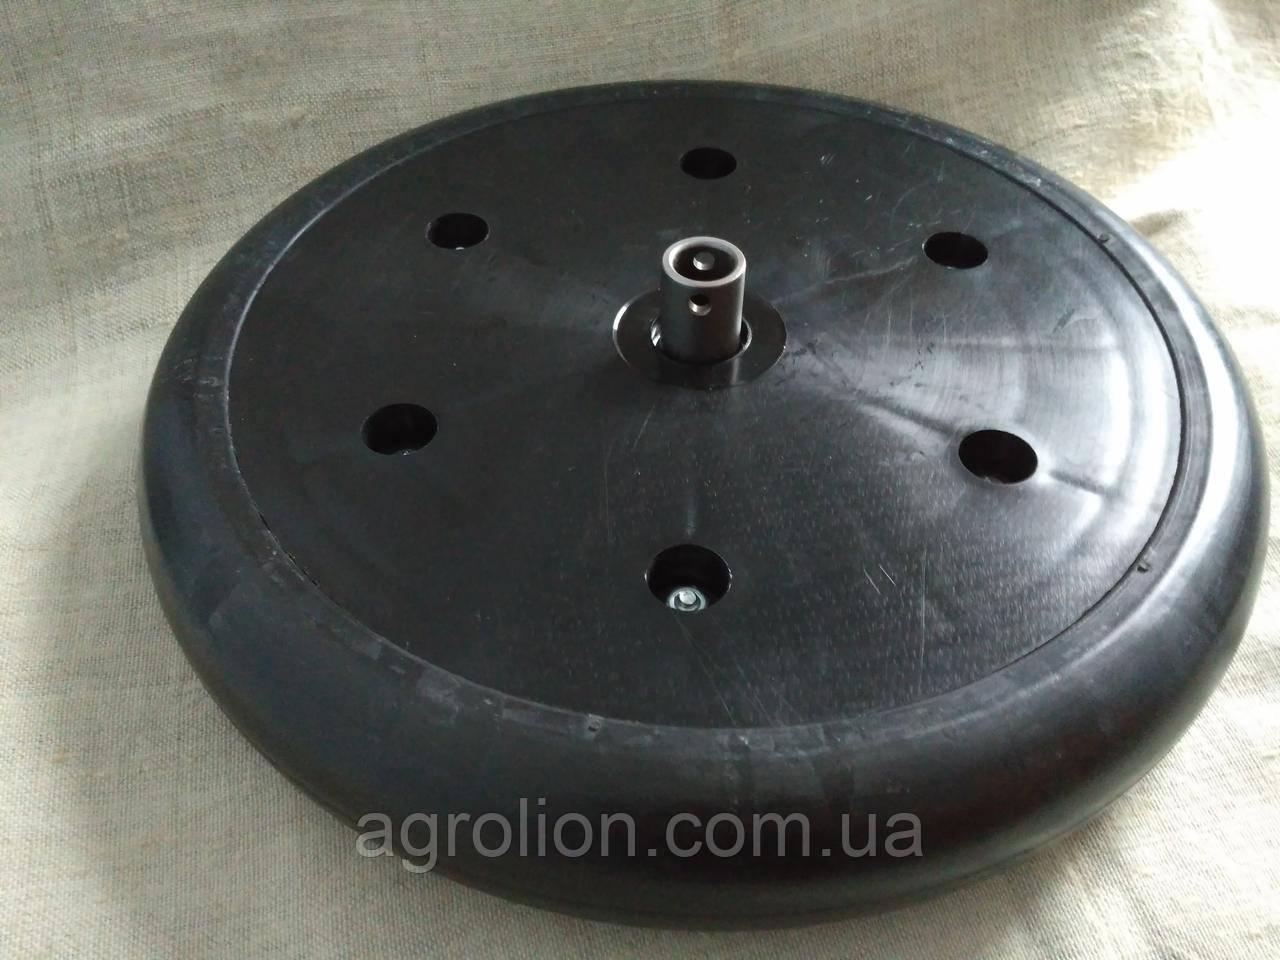 """Прикотуюче колесо в зборі ( диск поліамід) 2"""" x 13"""" G19006290 Gaspardo."""